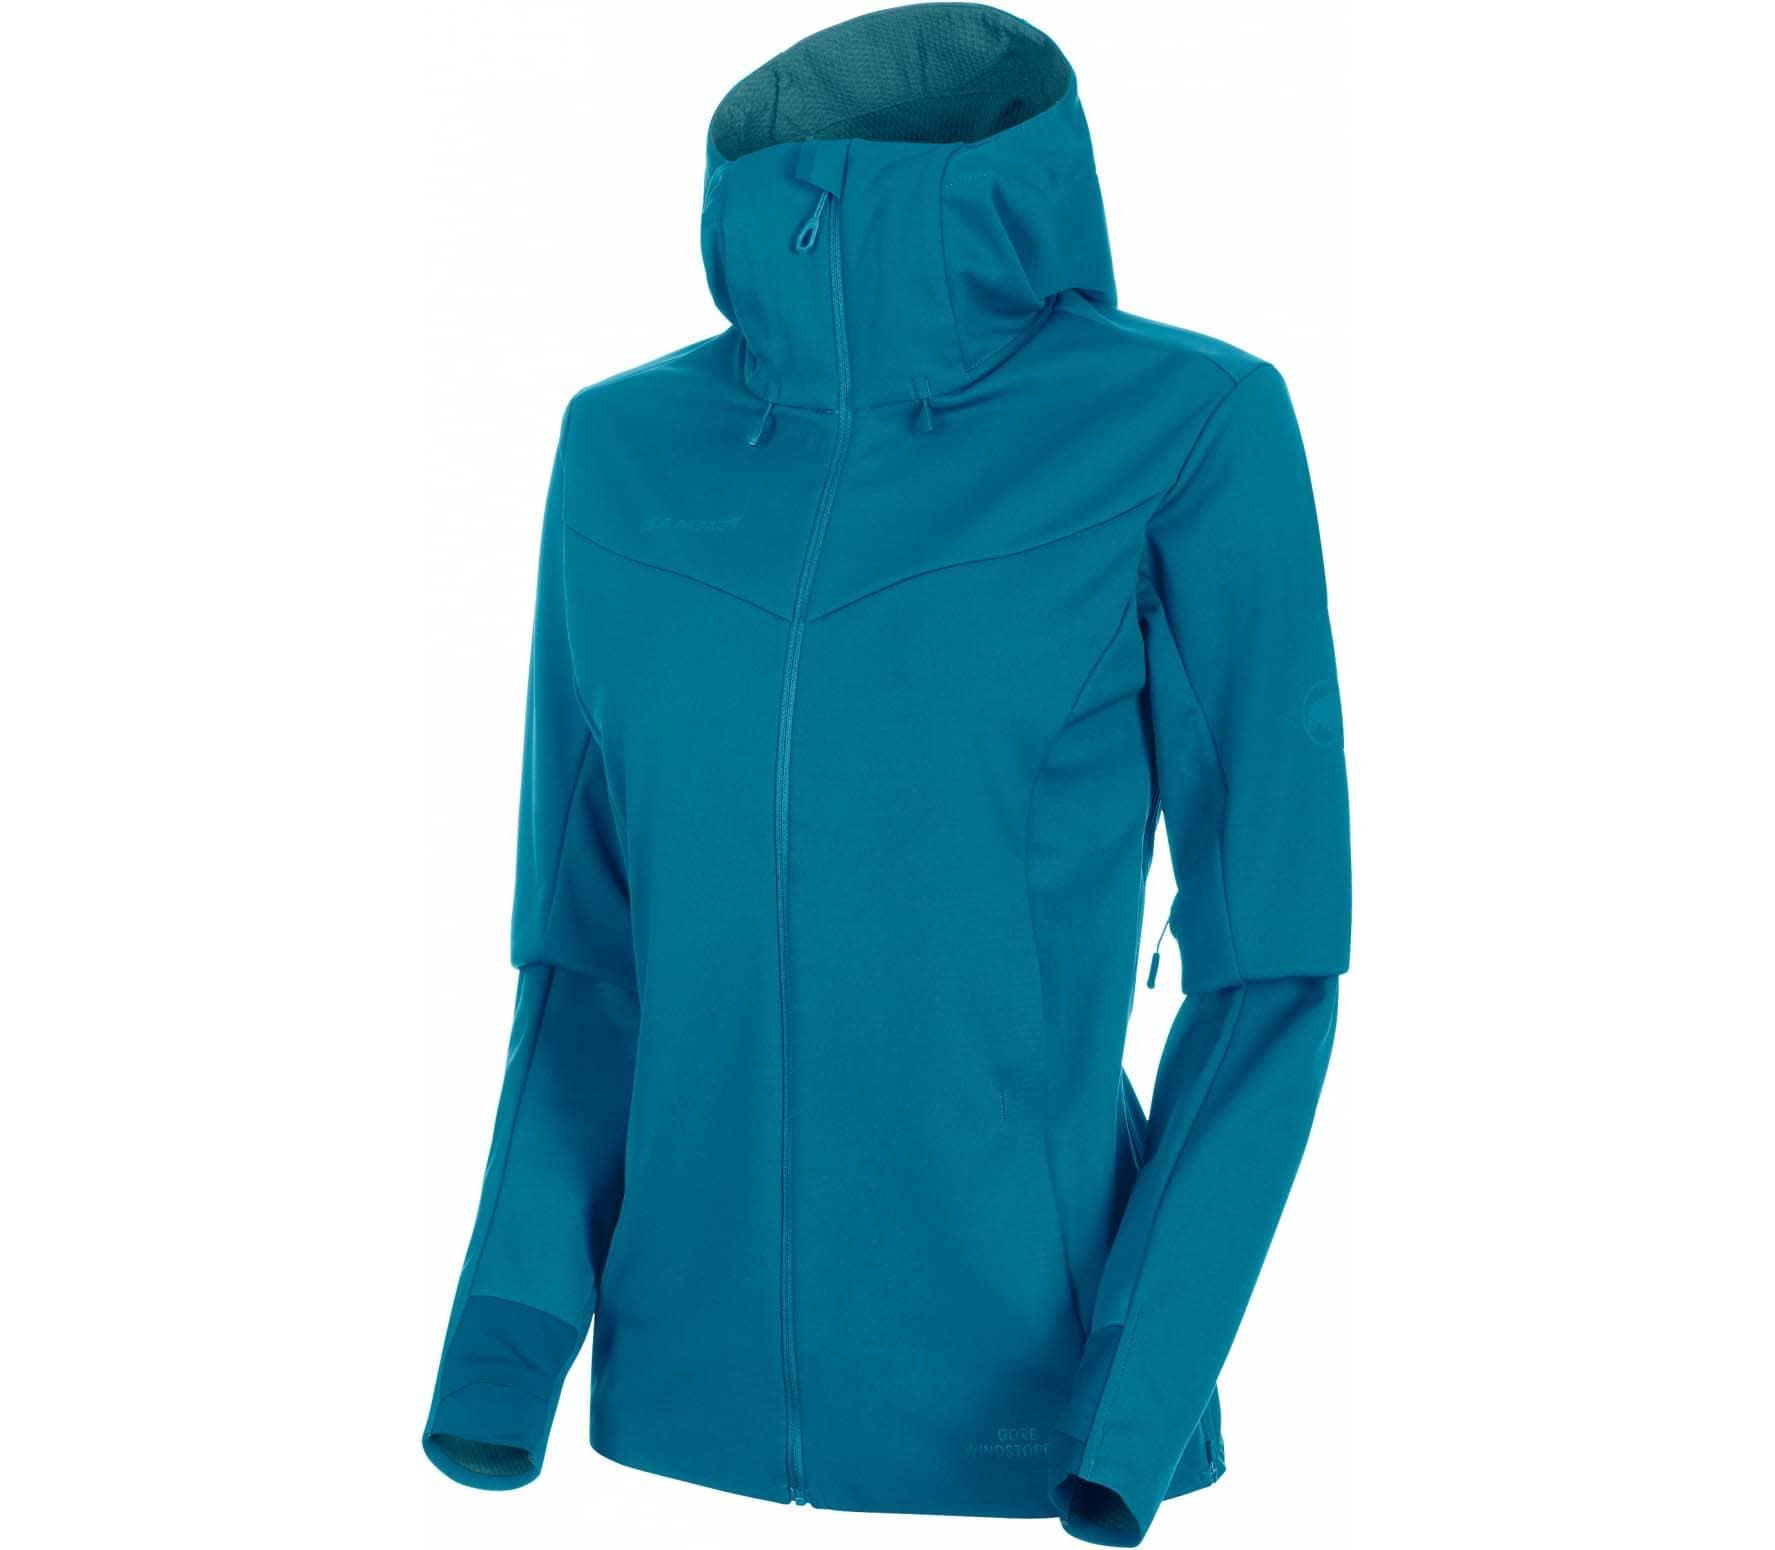 online retailer 1dd6a ac6f7 Mammut Ultimate V SO Damen Softshelljacke blau